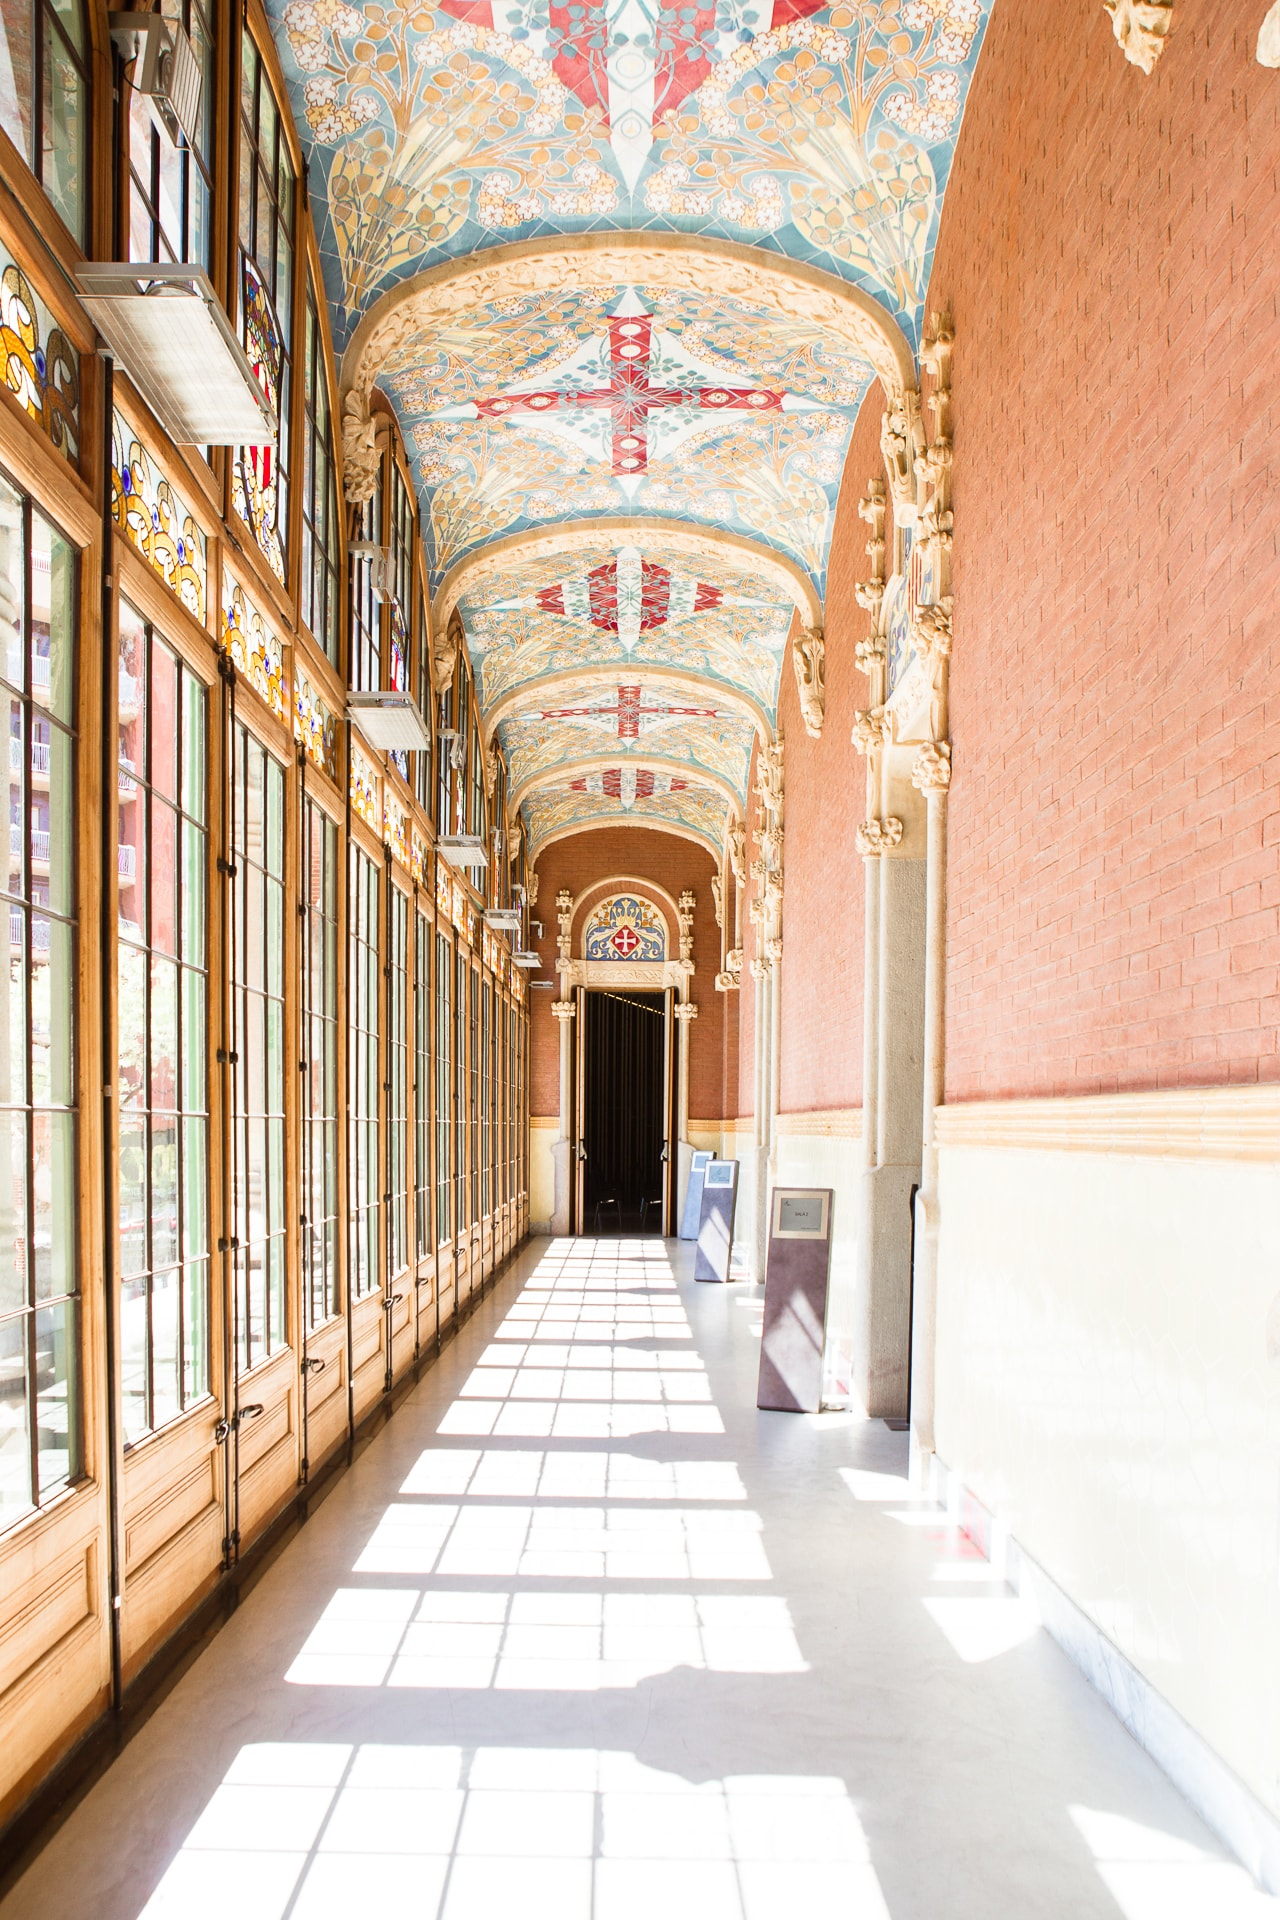 Couloir qui mène aux salles de réunions de L'hospital Sant Pau à Barcelone